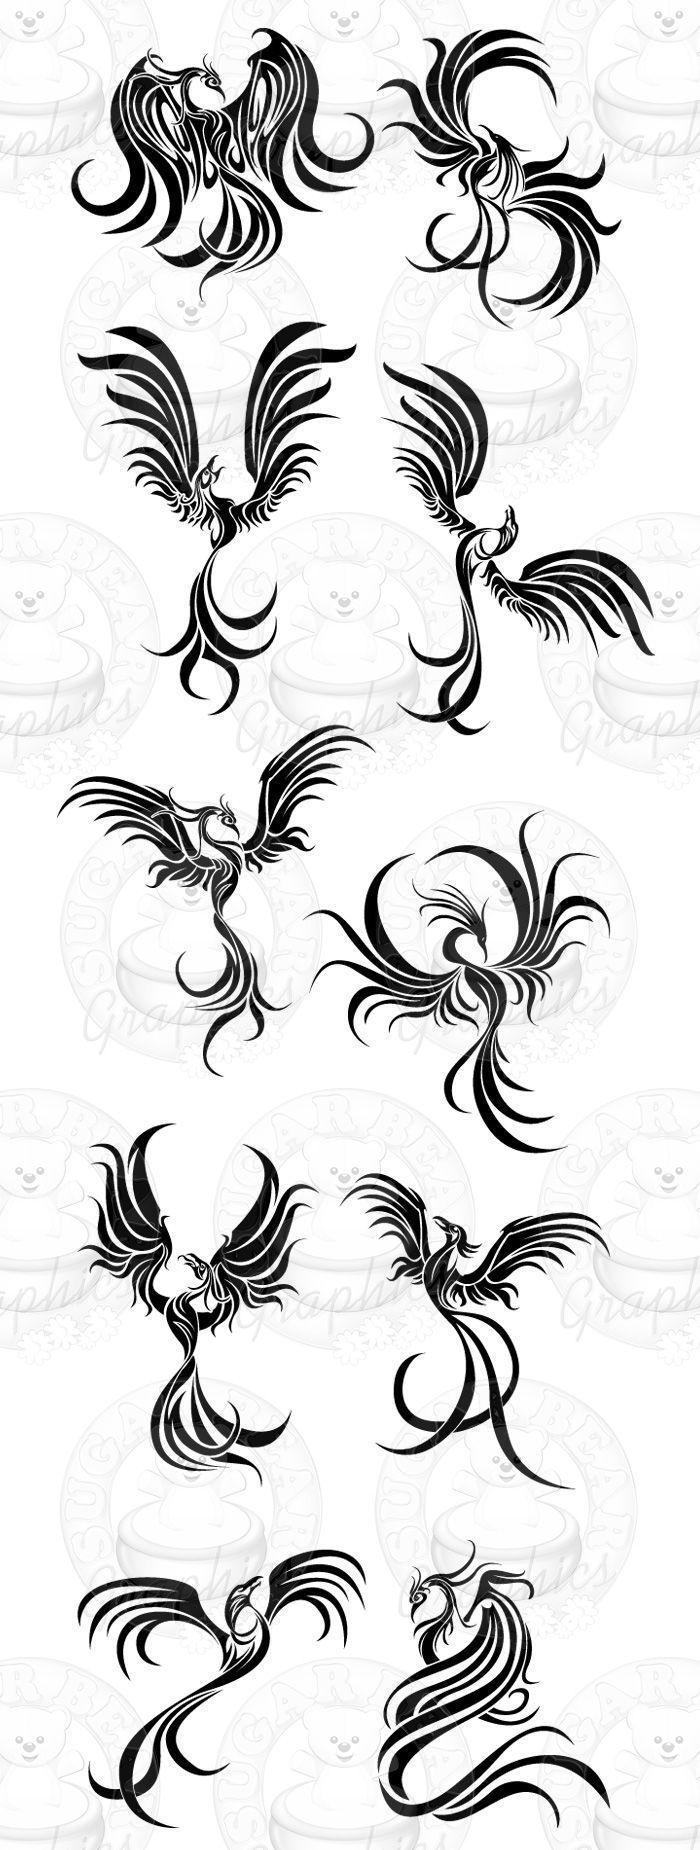 tattoo designs phoenix design phoenix tattoo design a phoenix tattoo ...